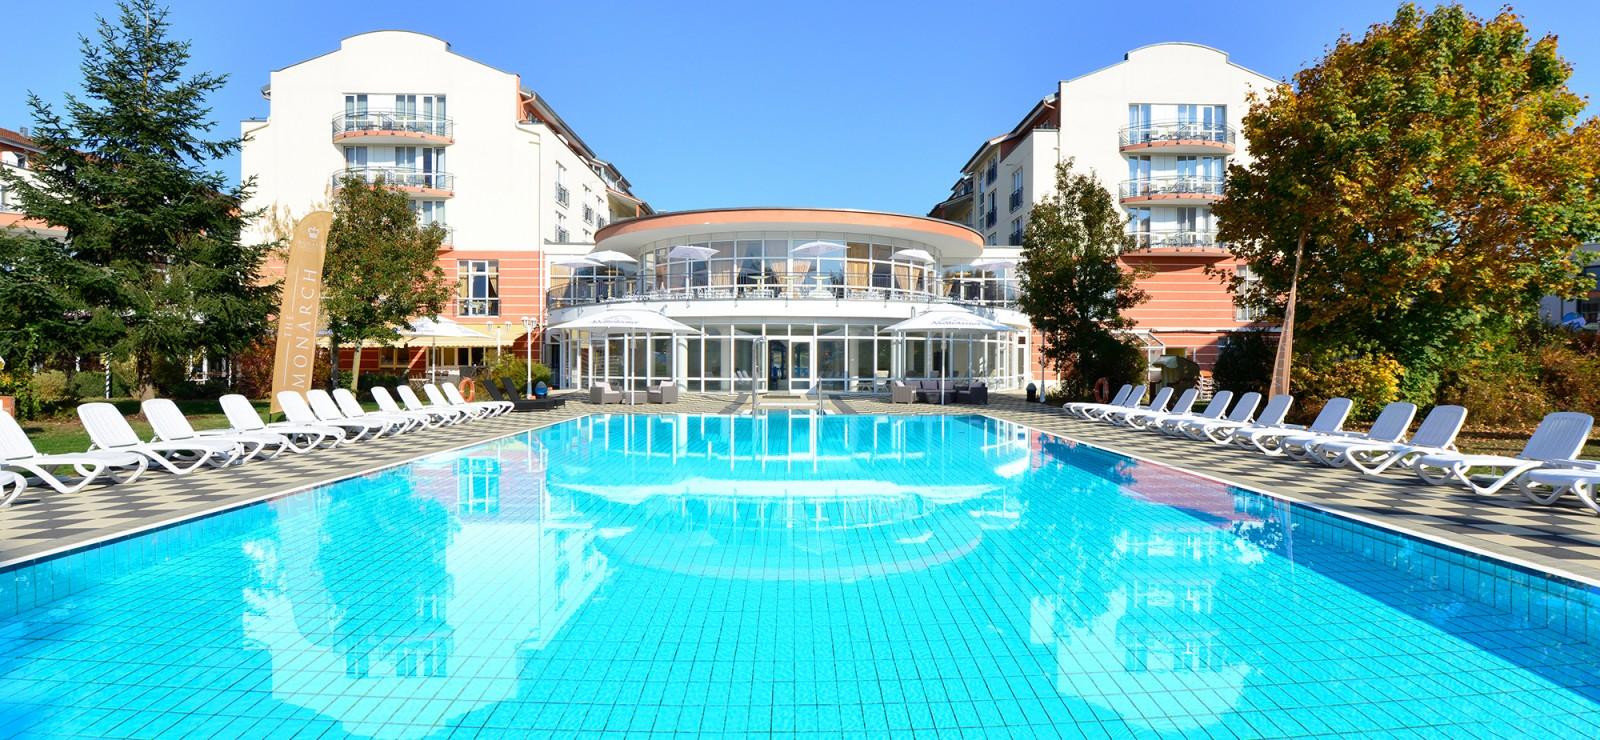 The Monarch Hotel Bilder | Bild 1